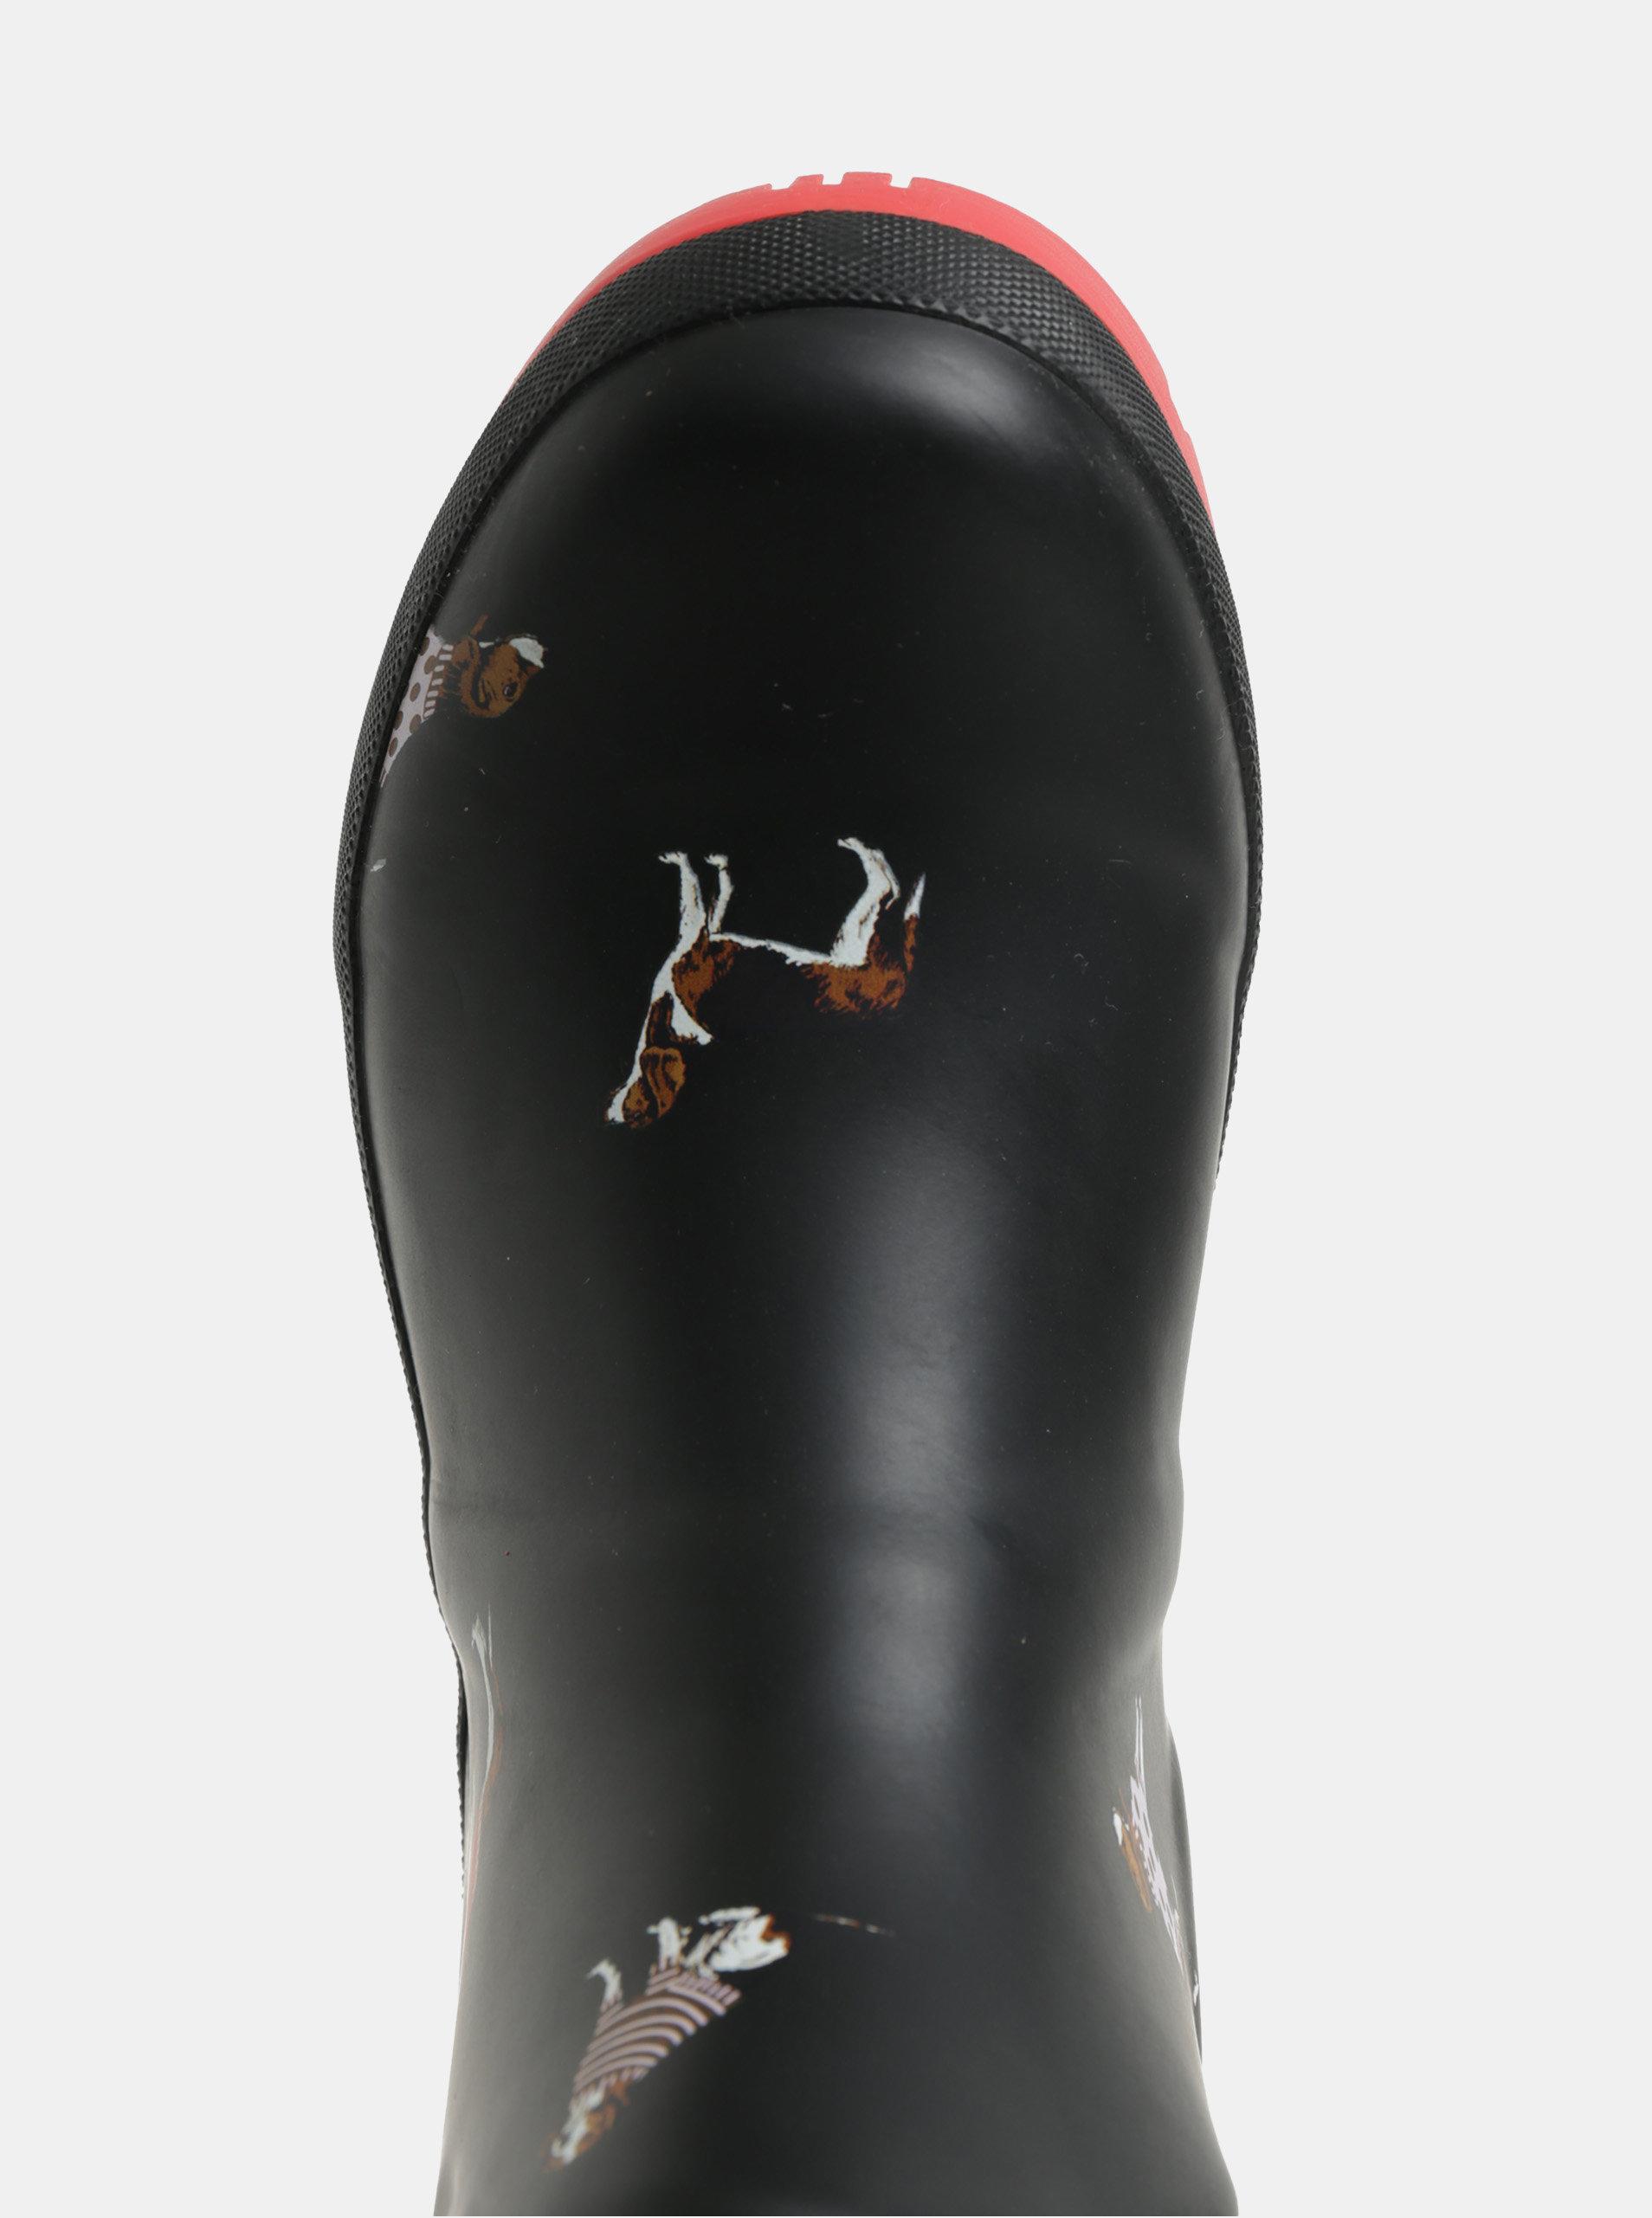 Černé dámské holínky s motivem psů Tom Joule ... c16d0a98430